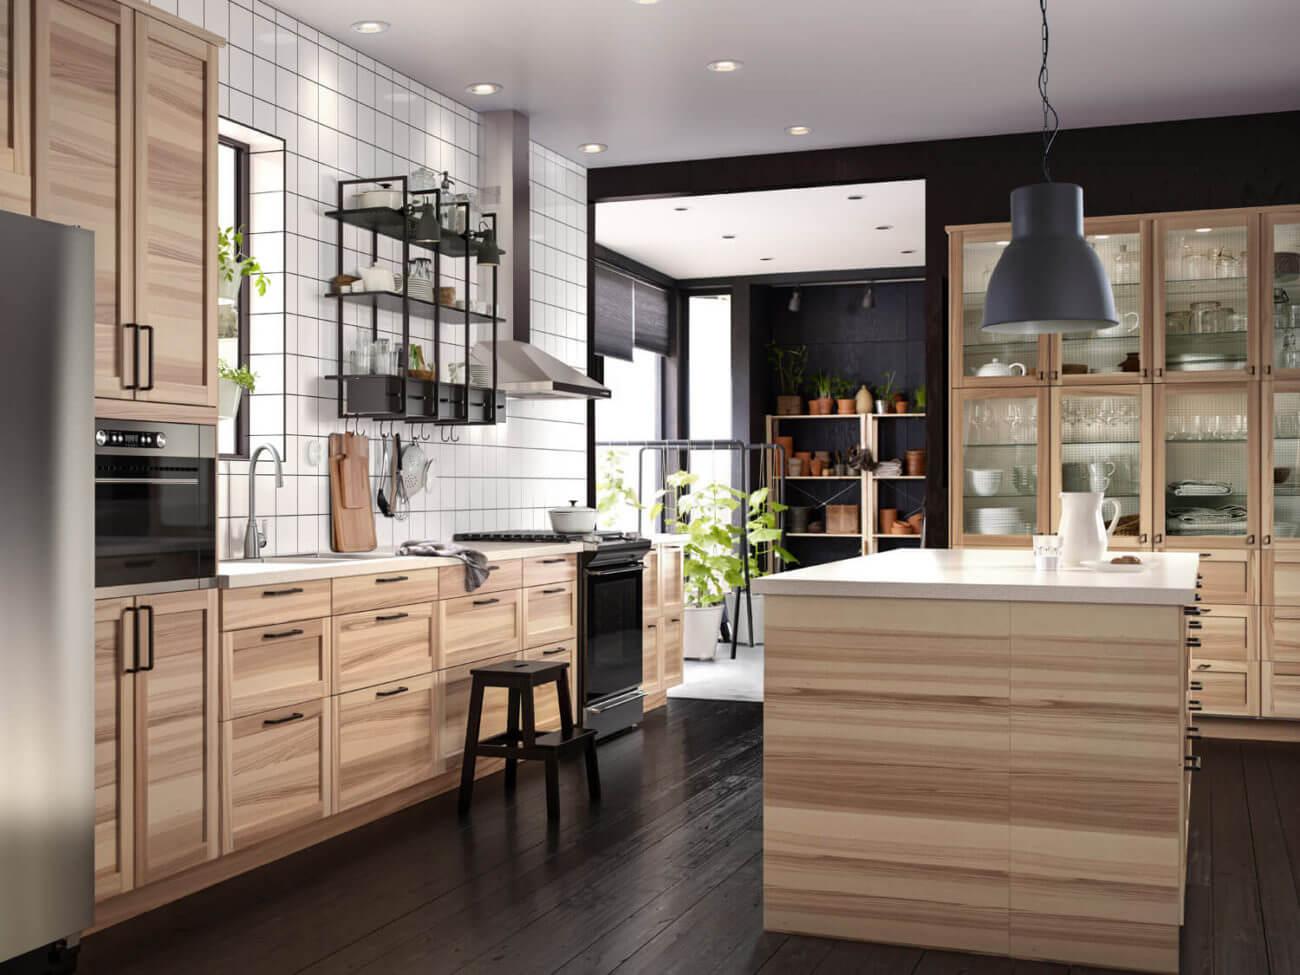 Landhausküchen aus Holz: Bilder & Ideen für rustikale Küchen ...